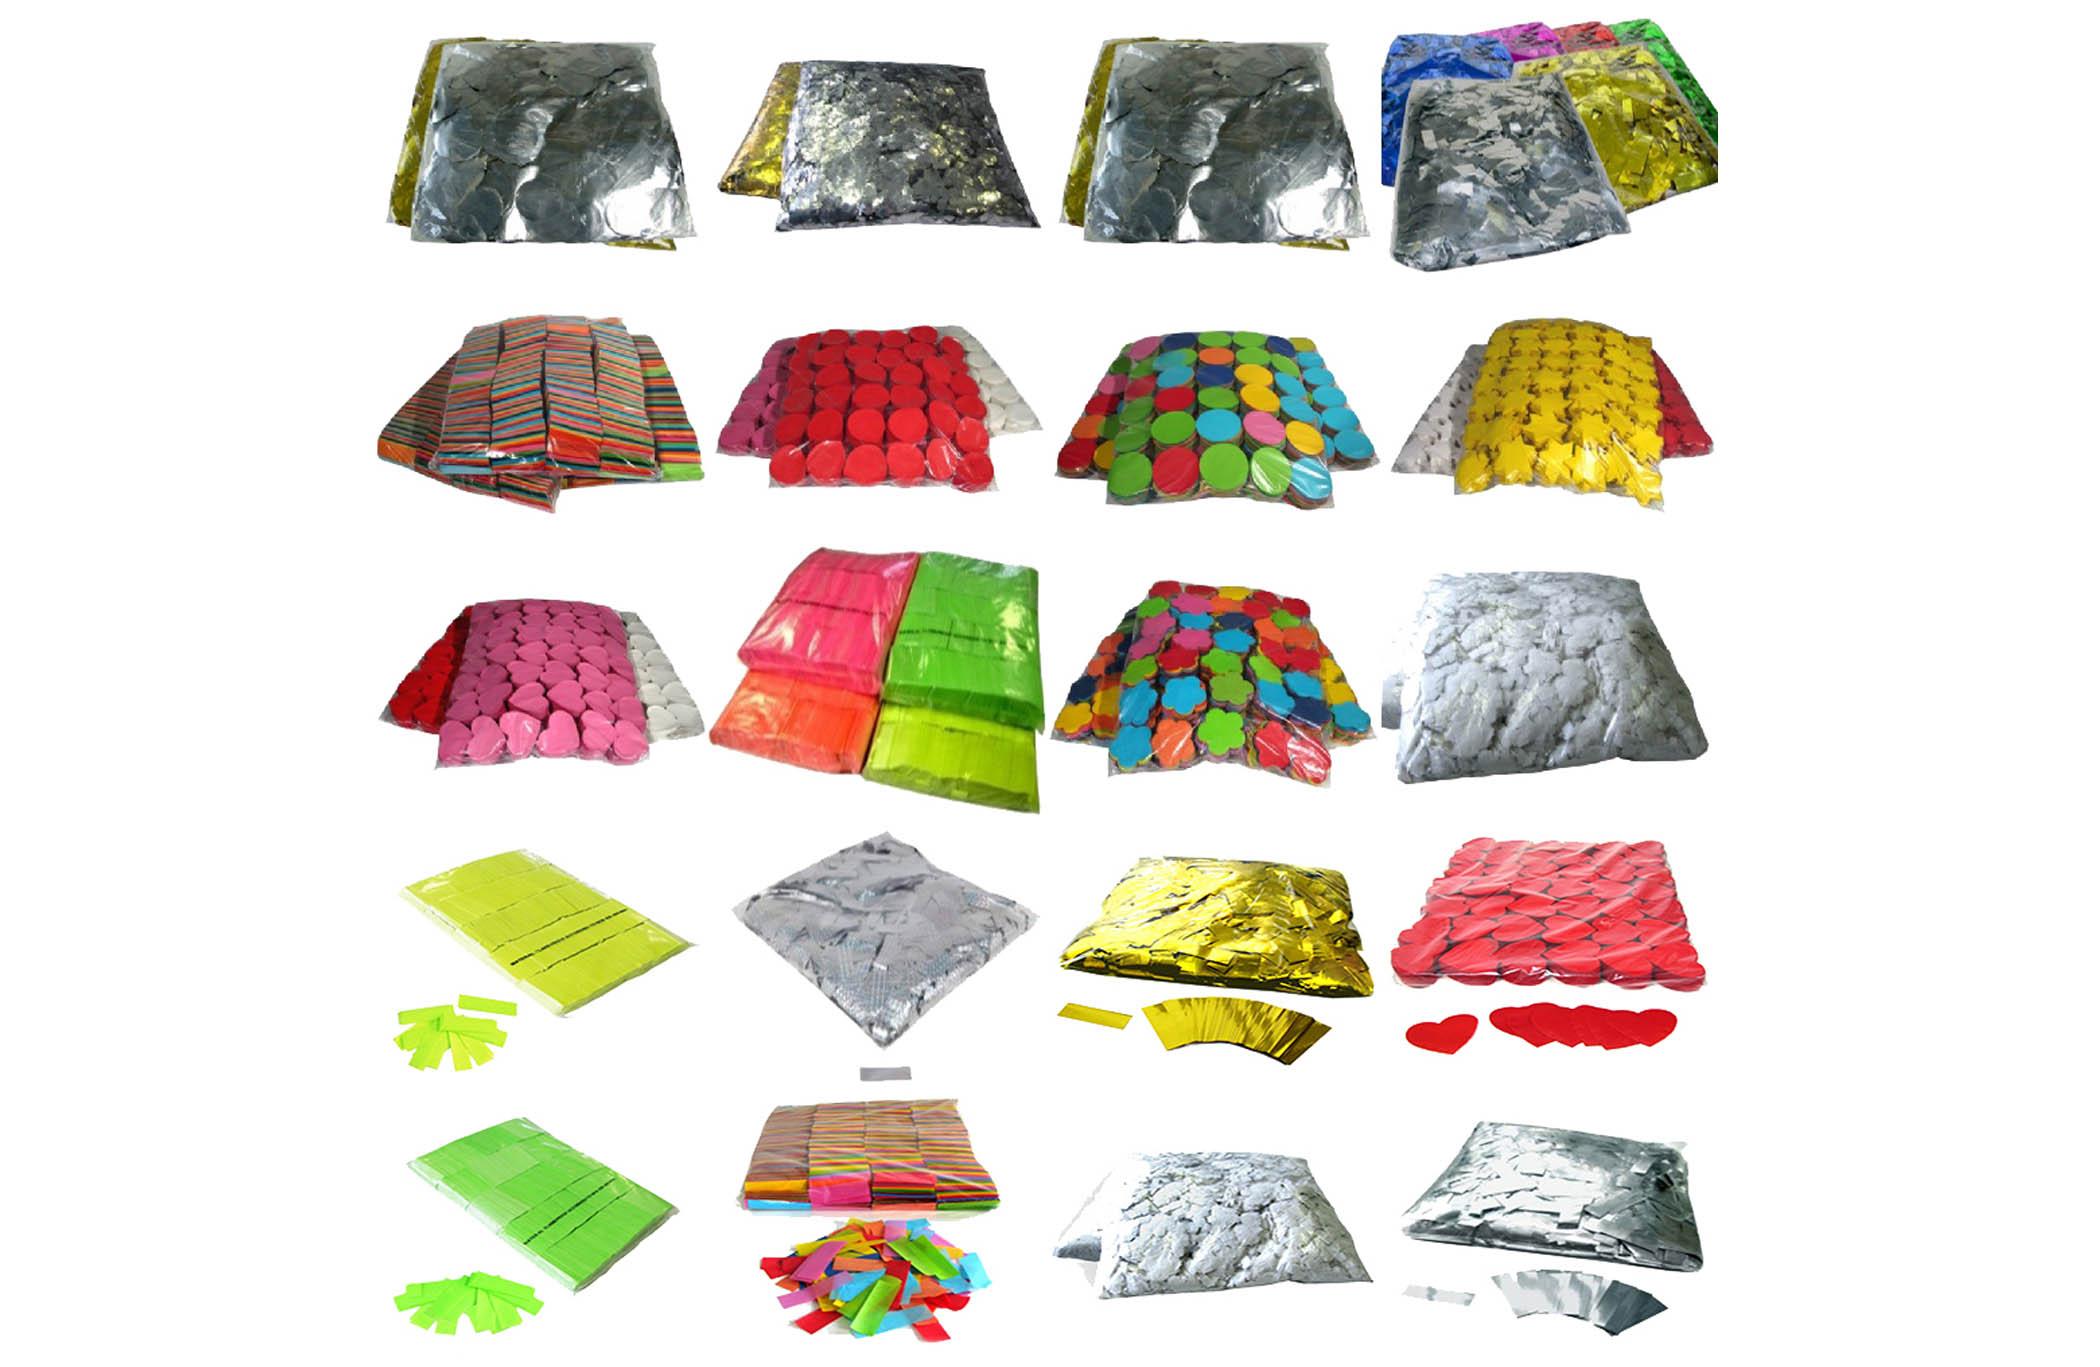 Confetti Events, Confetti Machine Hire, Confetti Party, Confetti Machine, Confetti Machine Gloucestershire, Cheltenham, UK, South West